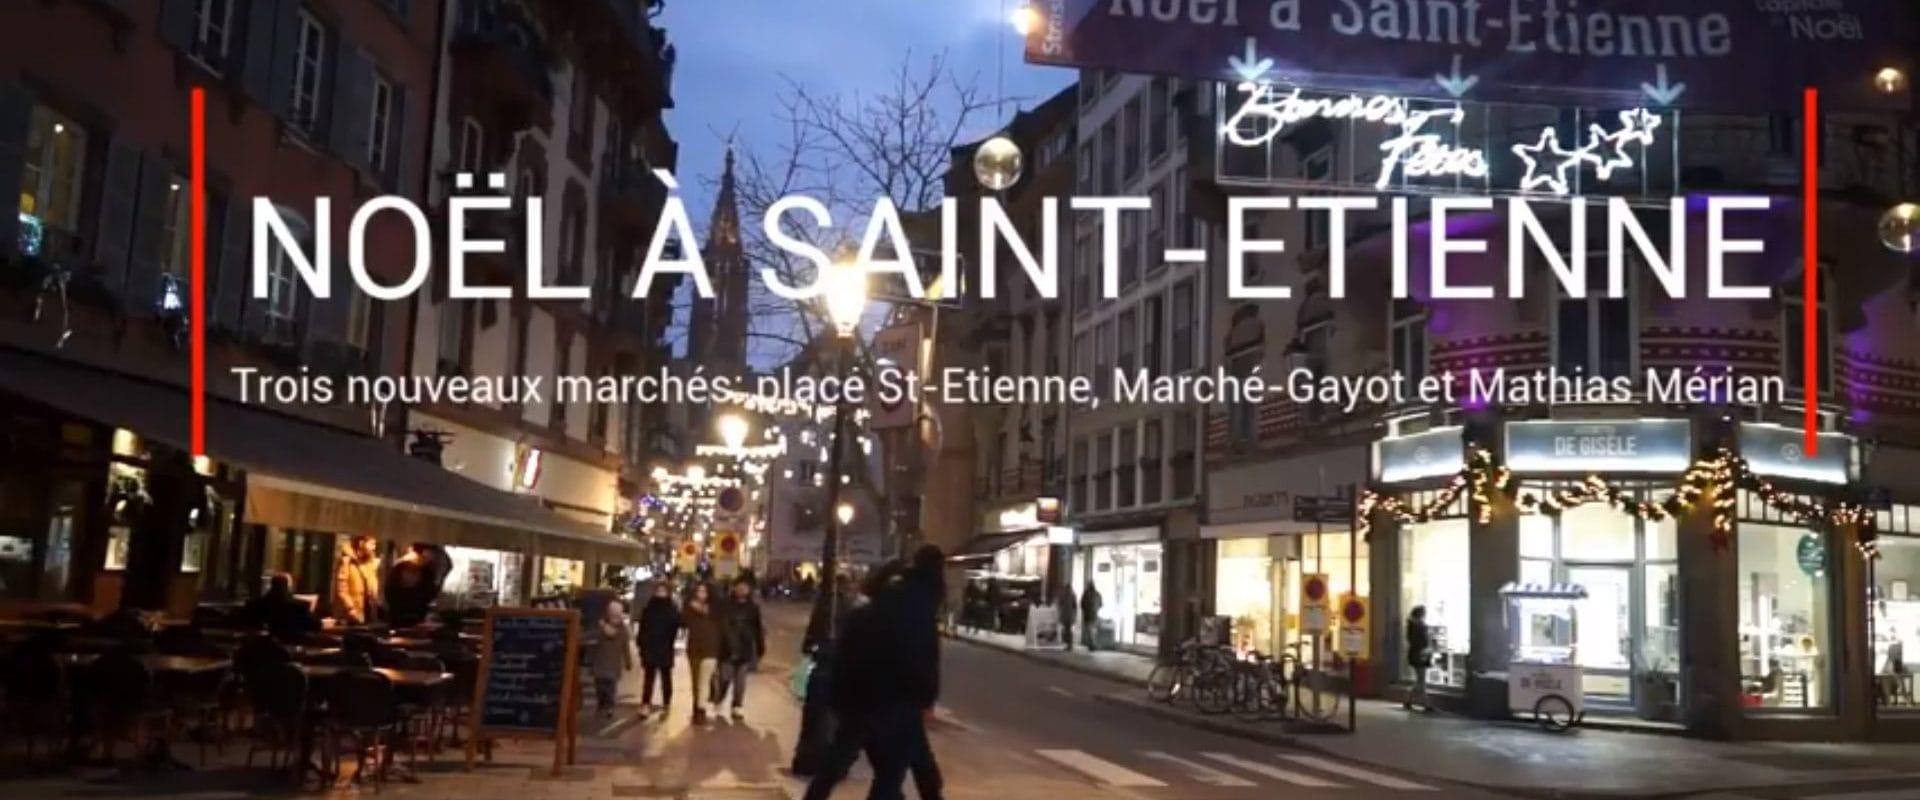 Derrière la cathédrale de Strasbourg, des petits marchés de Noël plus amusants